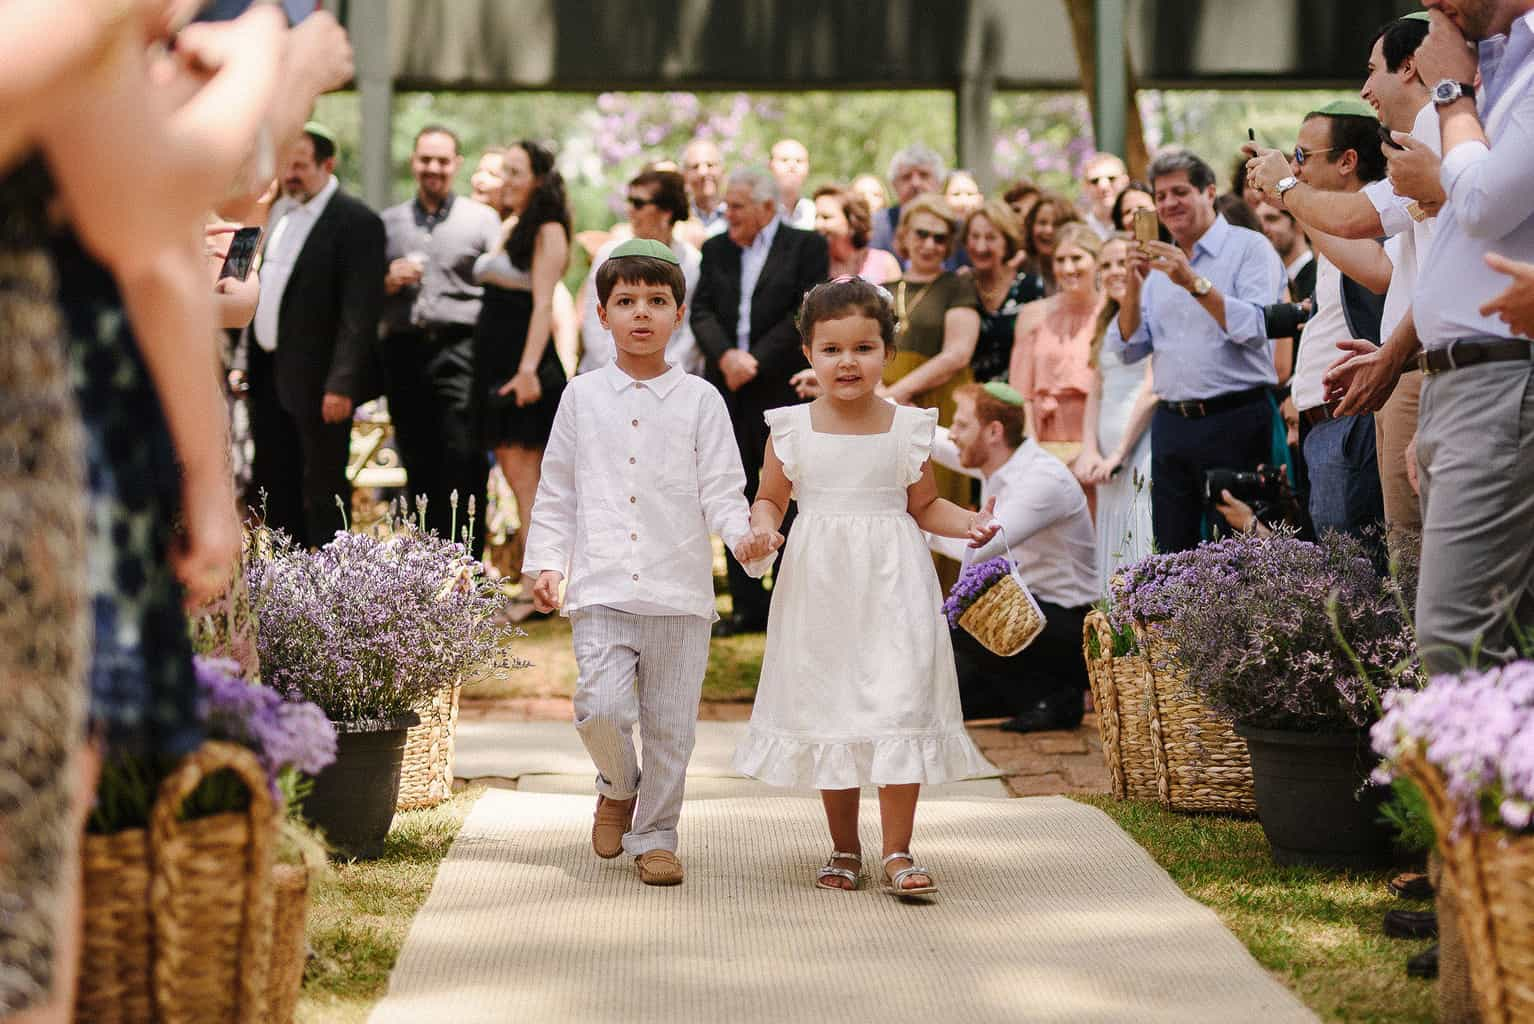 casamento-Ilana-e-André-cerimonia-judaica-Clube-Hipico-de-Santo-Amaro-daminhas-e-pajens-Fotografia-Lucas-Lima6